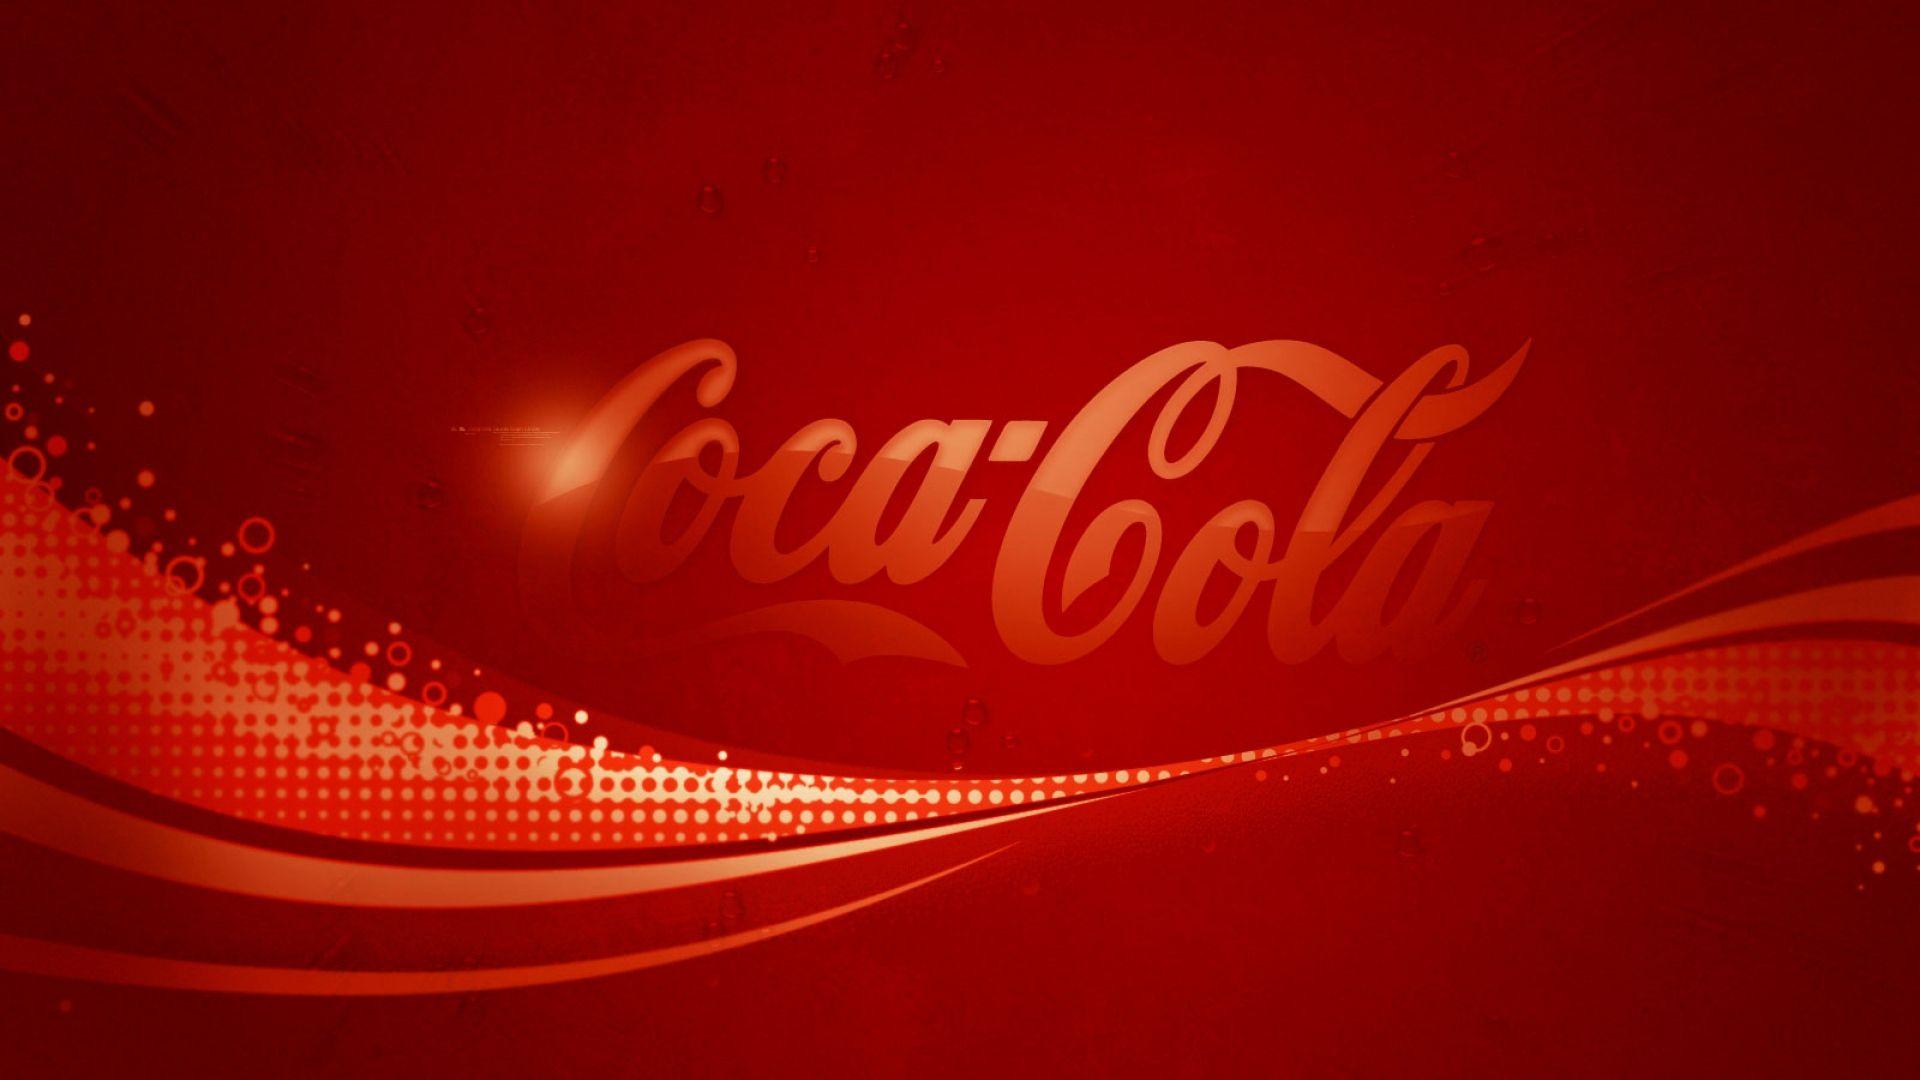 Coca Cola good wallpaper hd